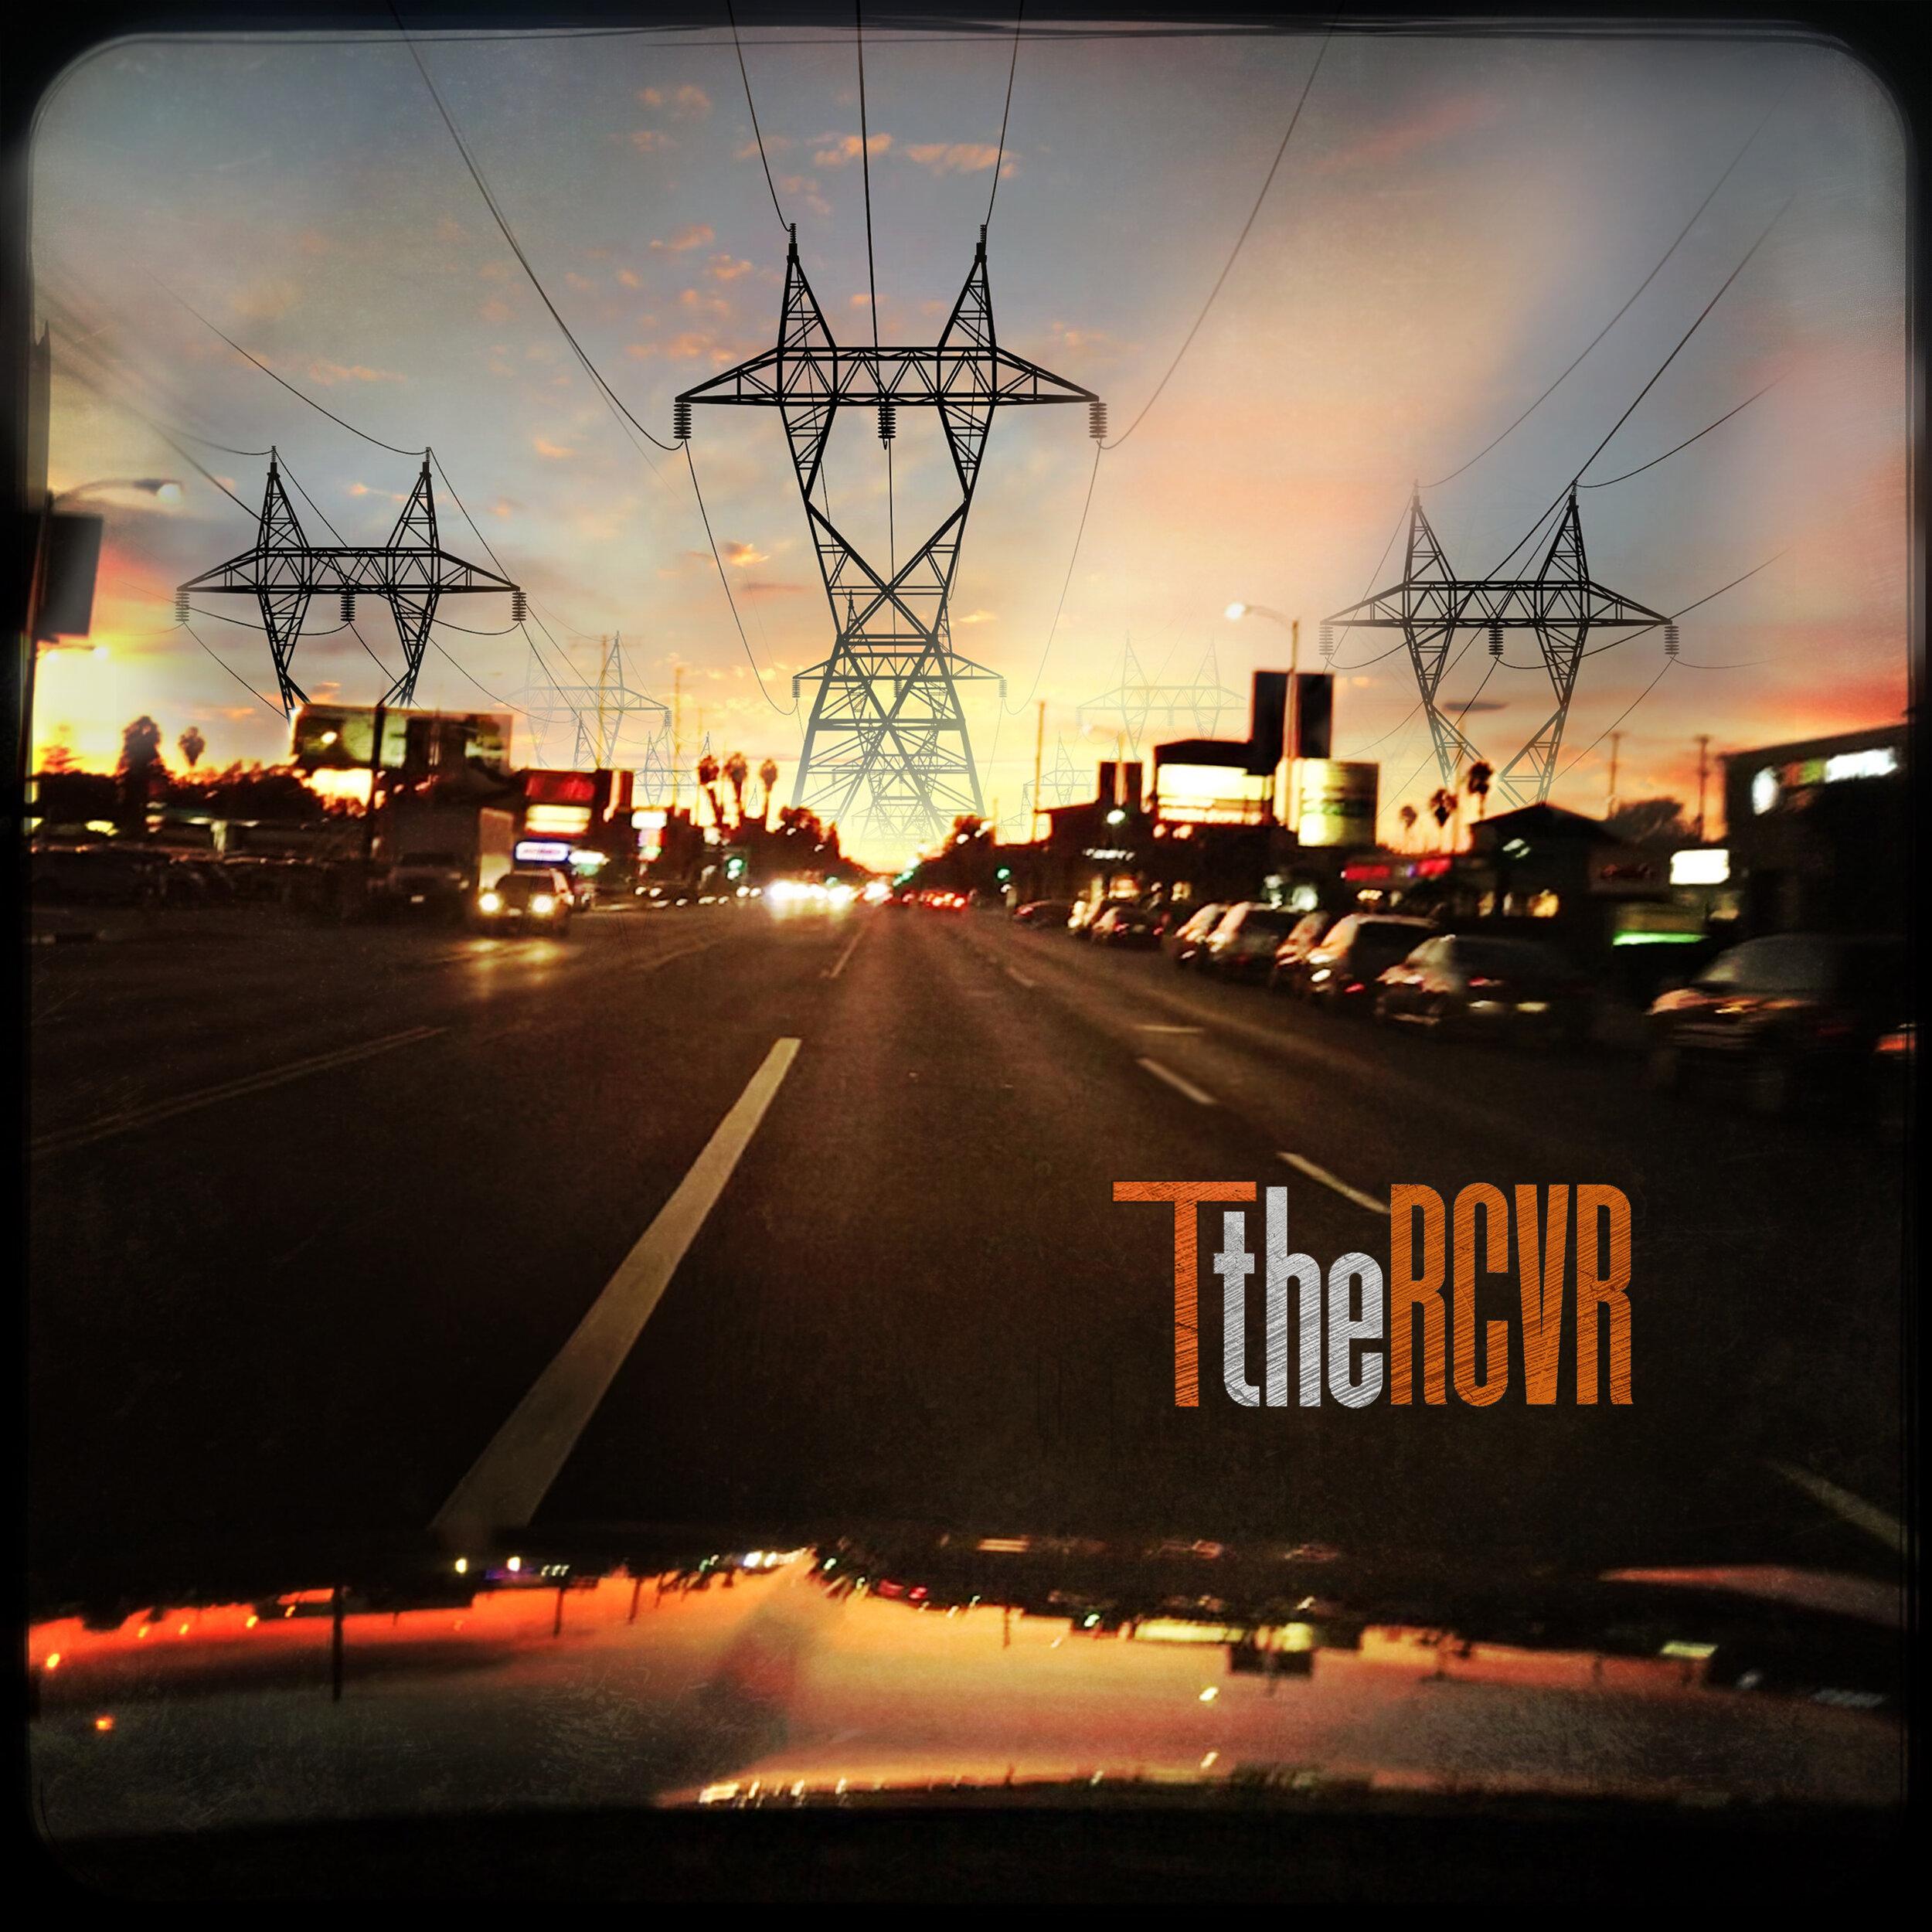 TtheRCVR - CoverArt.jpg